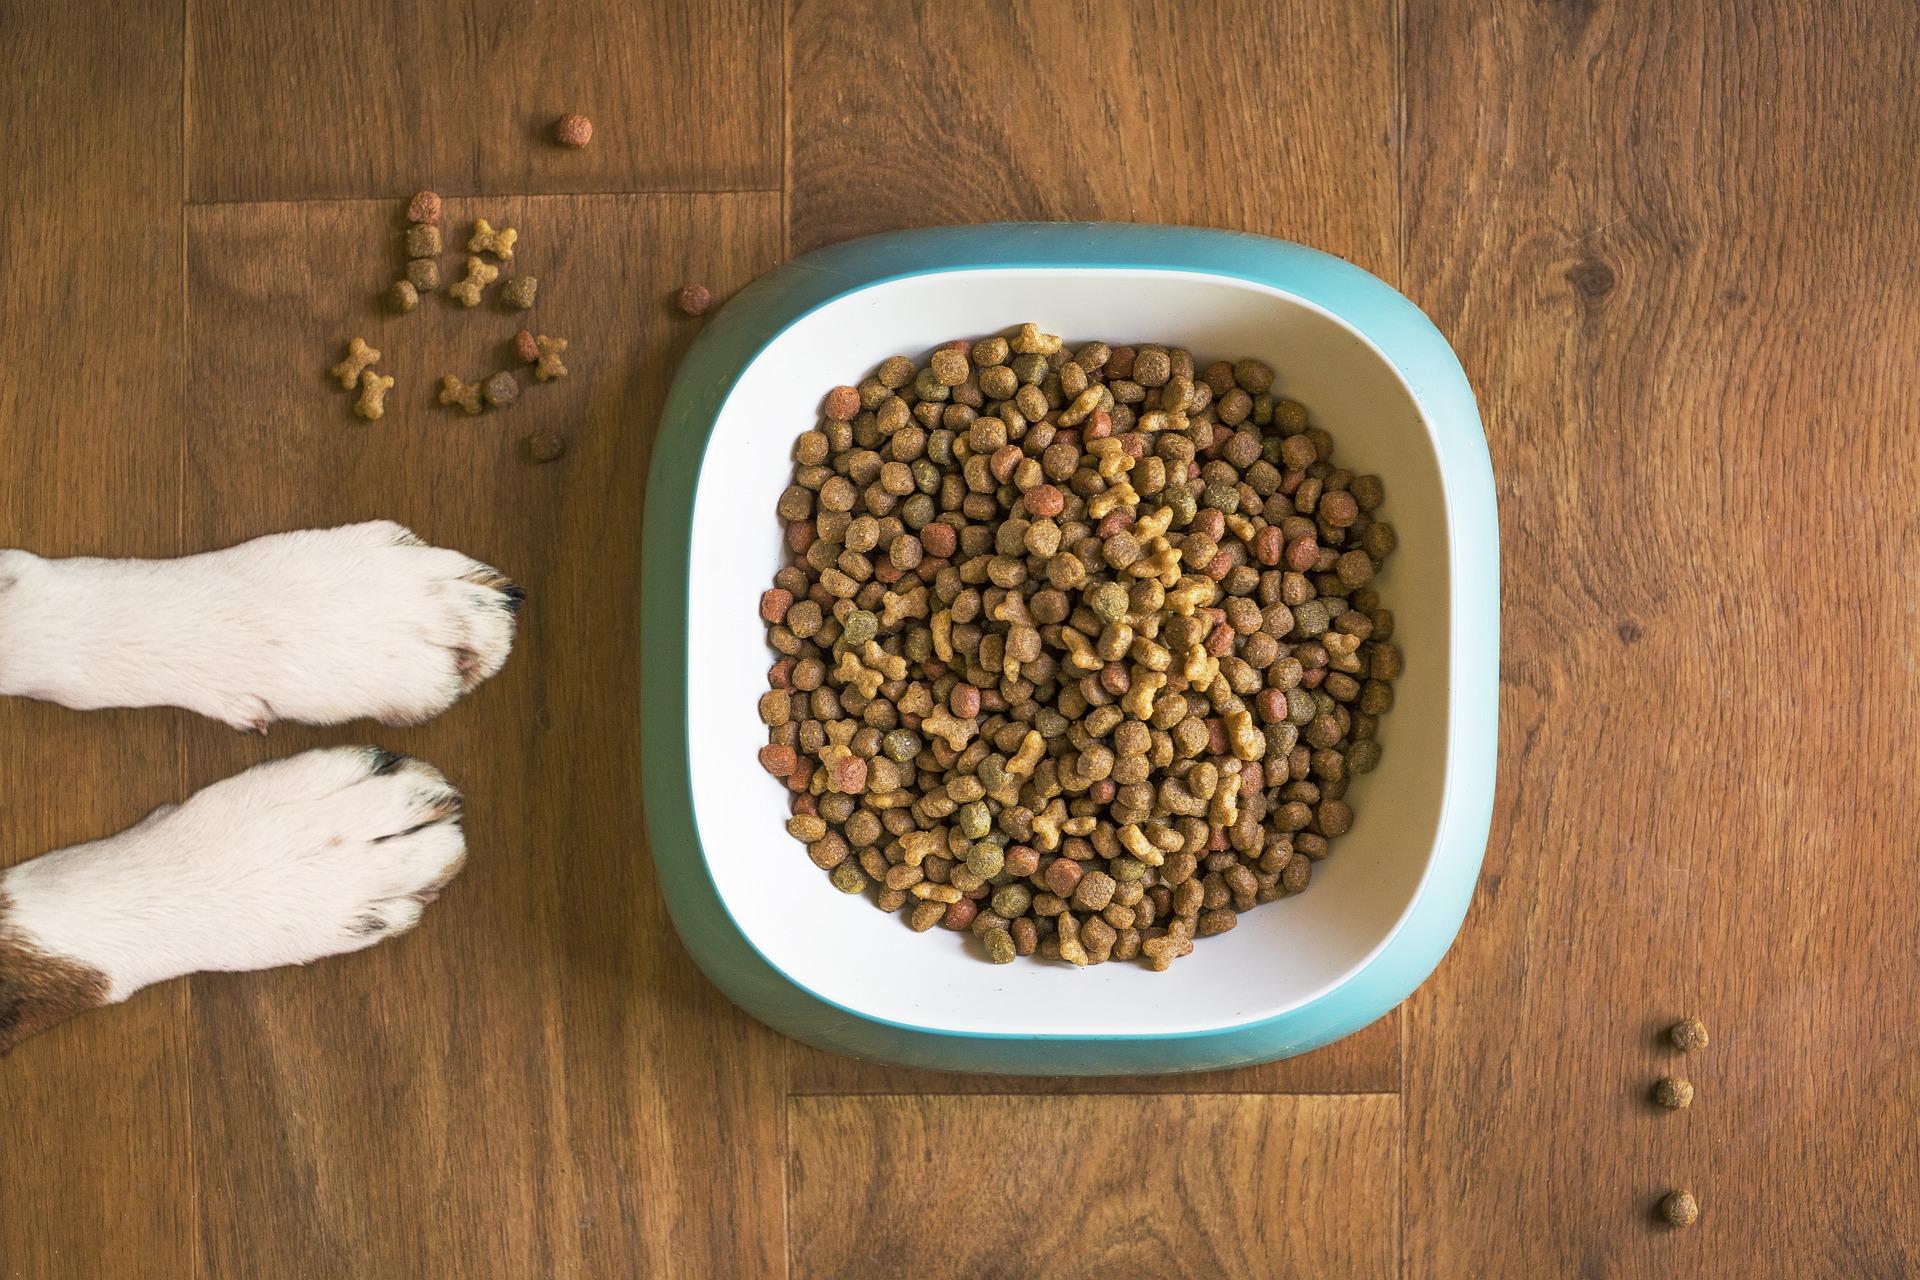 Рейтинг лучших холистик кормов для животных на 2021 год